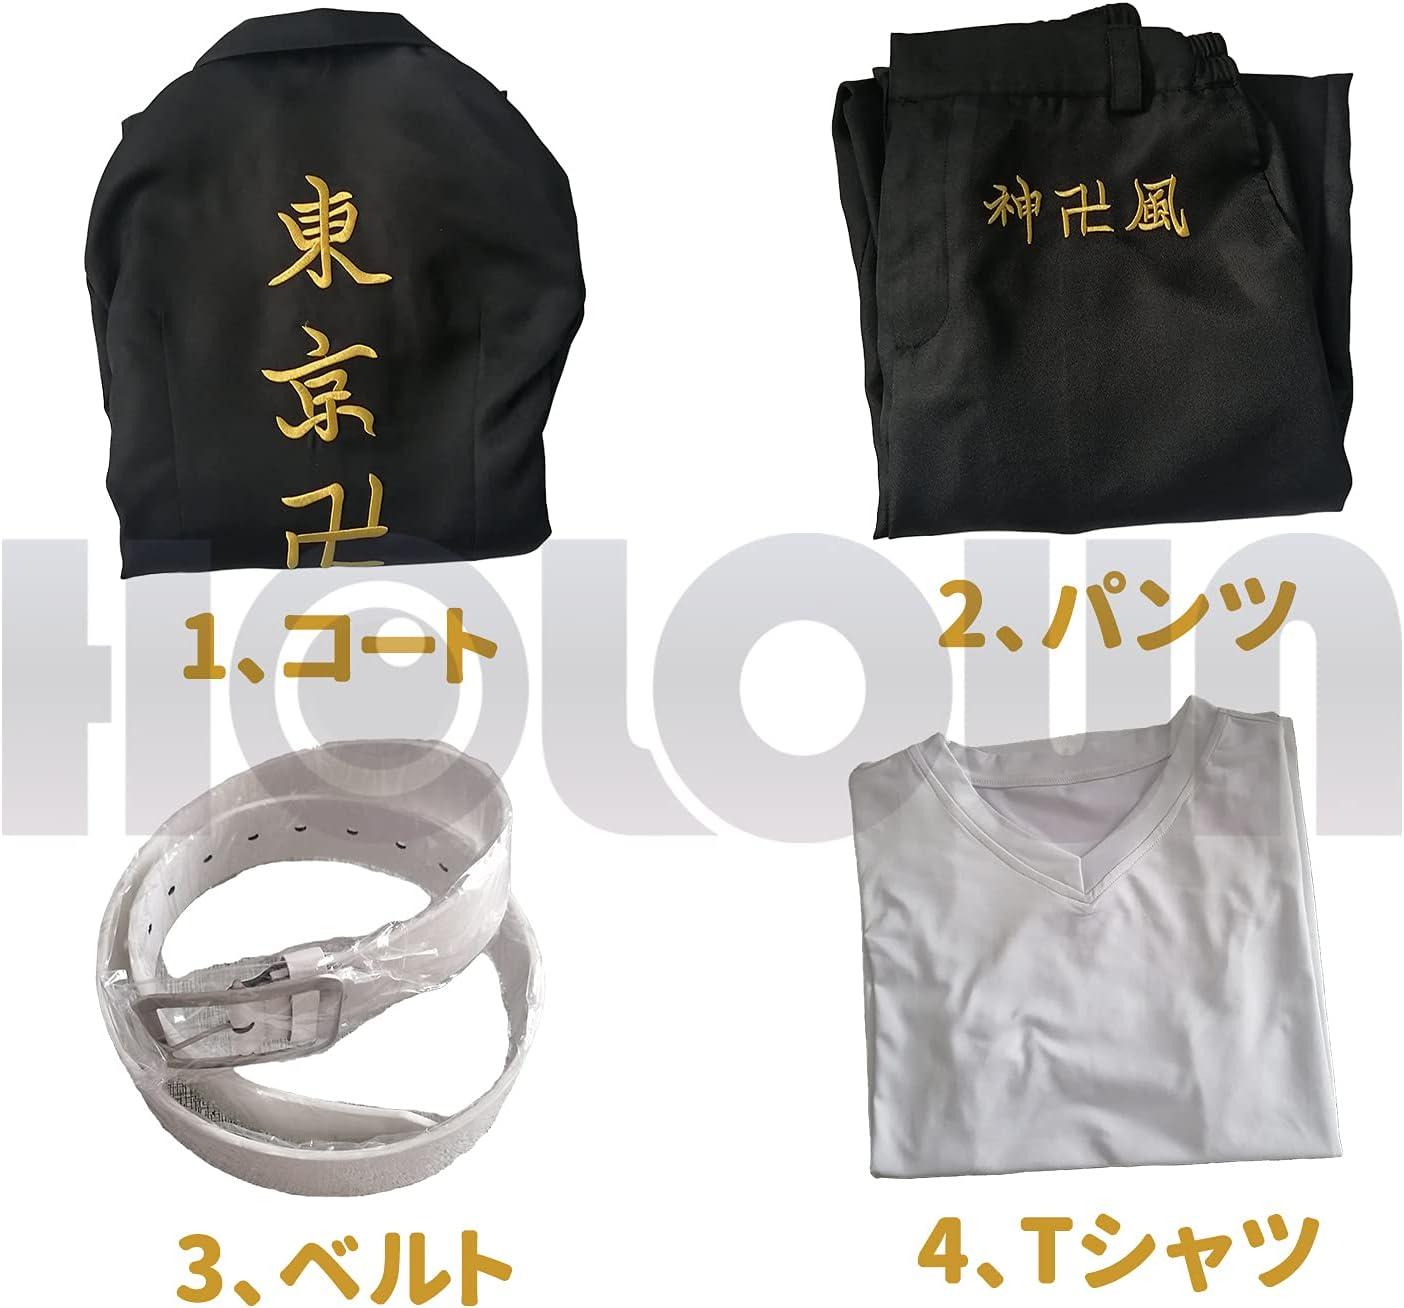 【マイキー (佐野万次郎) 】東京リベンジャーズ コスプレ 衣装